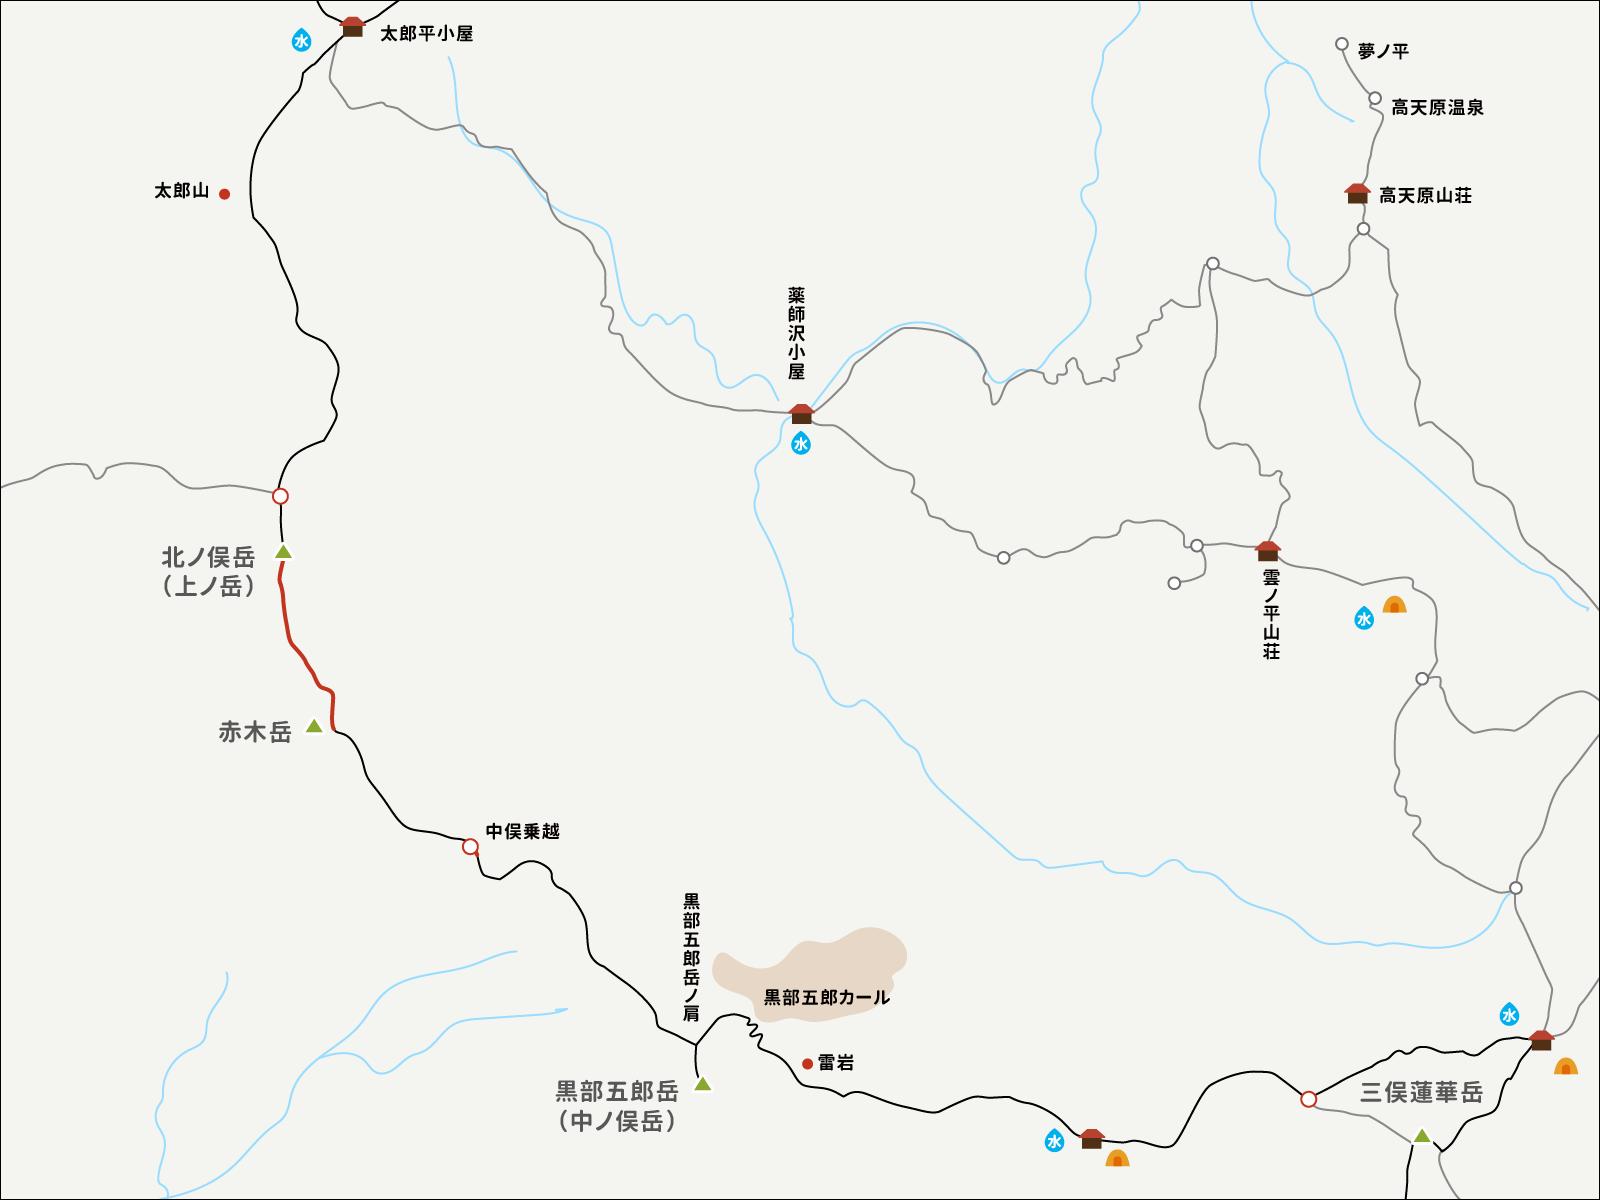 北ノ俣岳から赤木岳までのイラストマップ